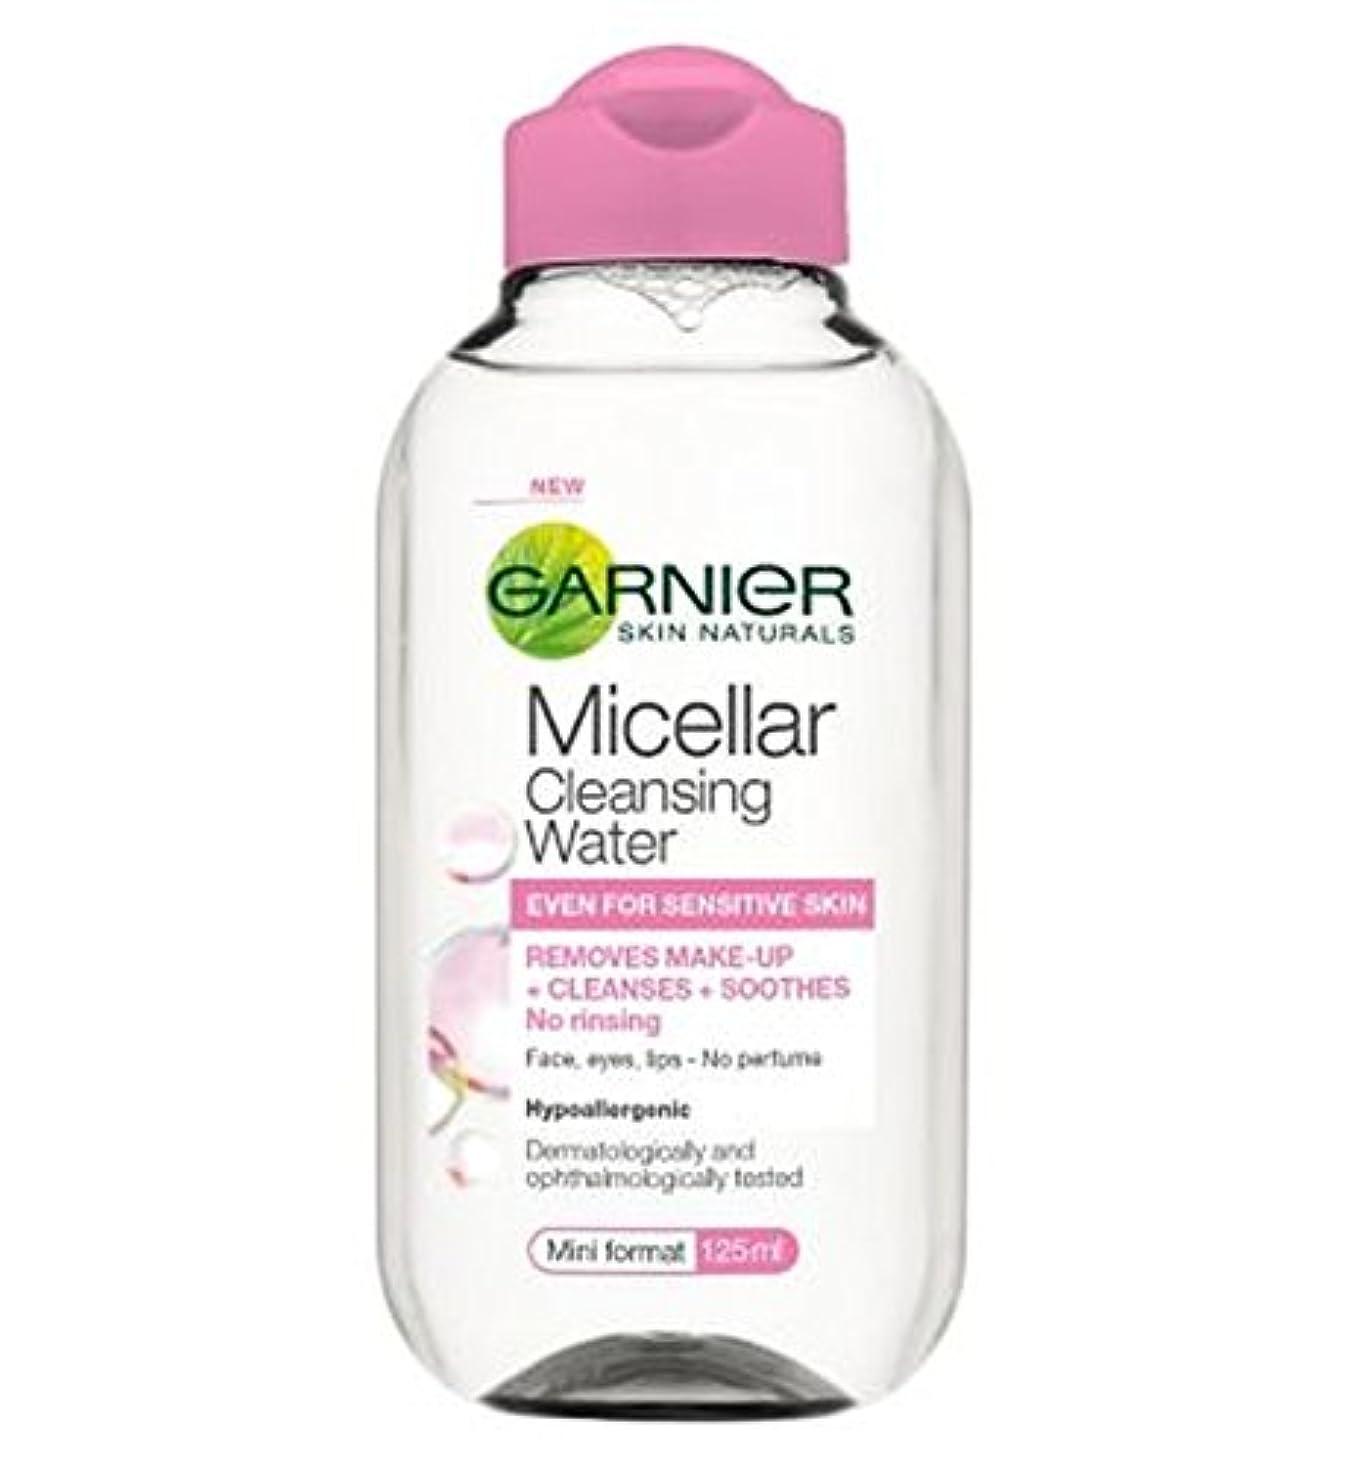 スタック設計図課すGarnier Micellar Cleansing Water 125ml - ガルニエミセル洗浄水125ミリリットル (Garnier) [並行輸入品]